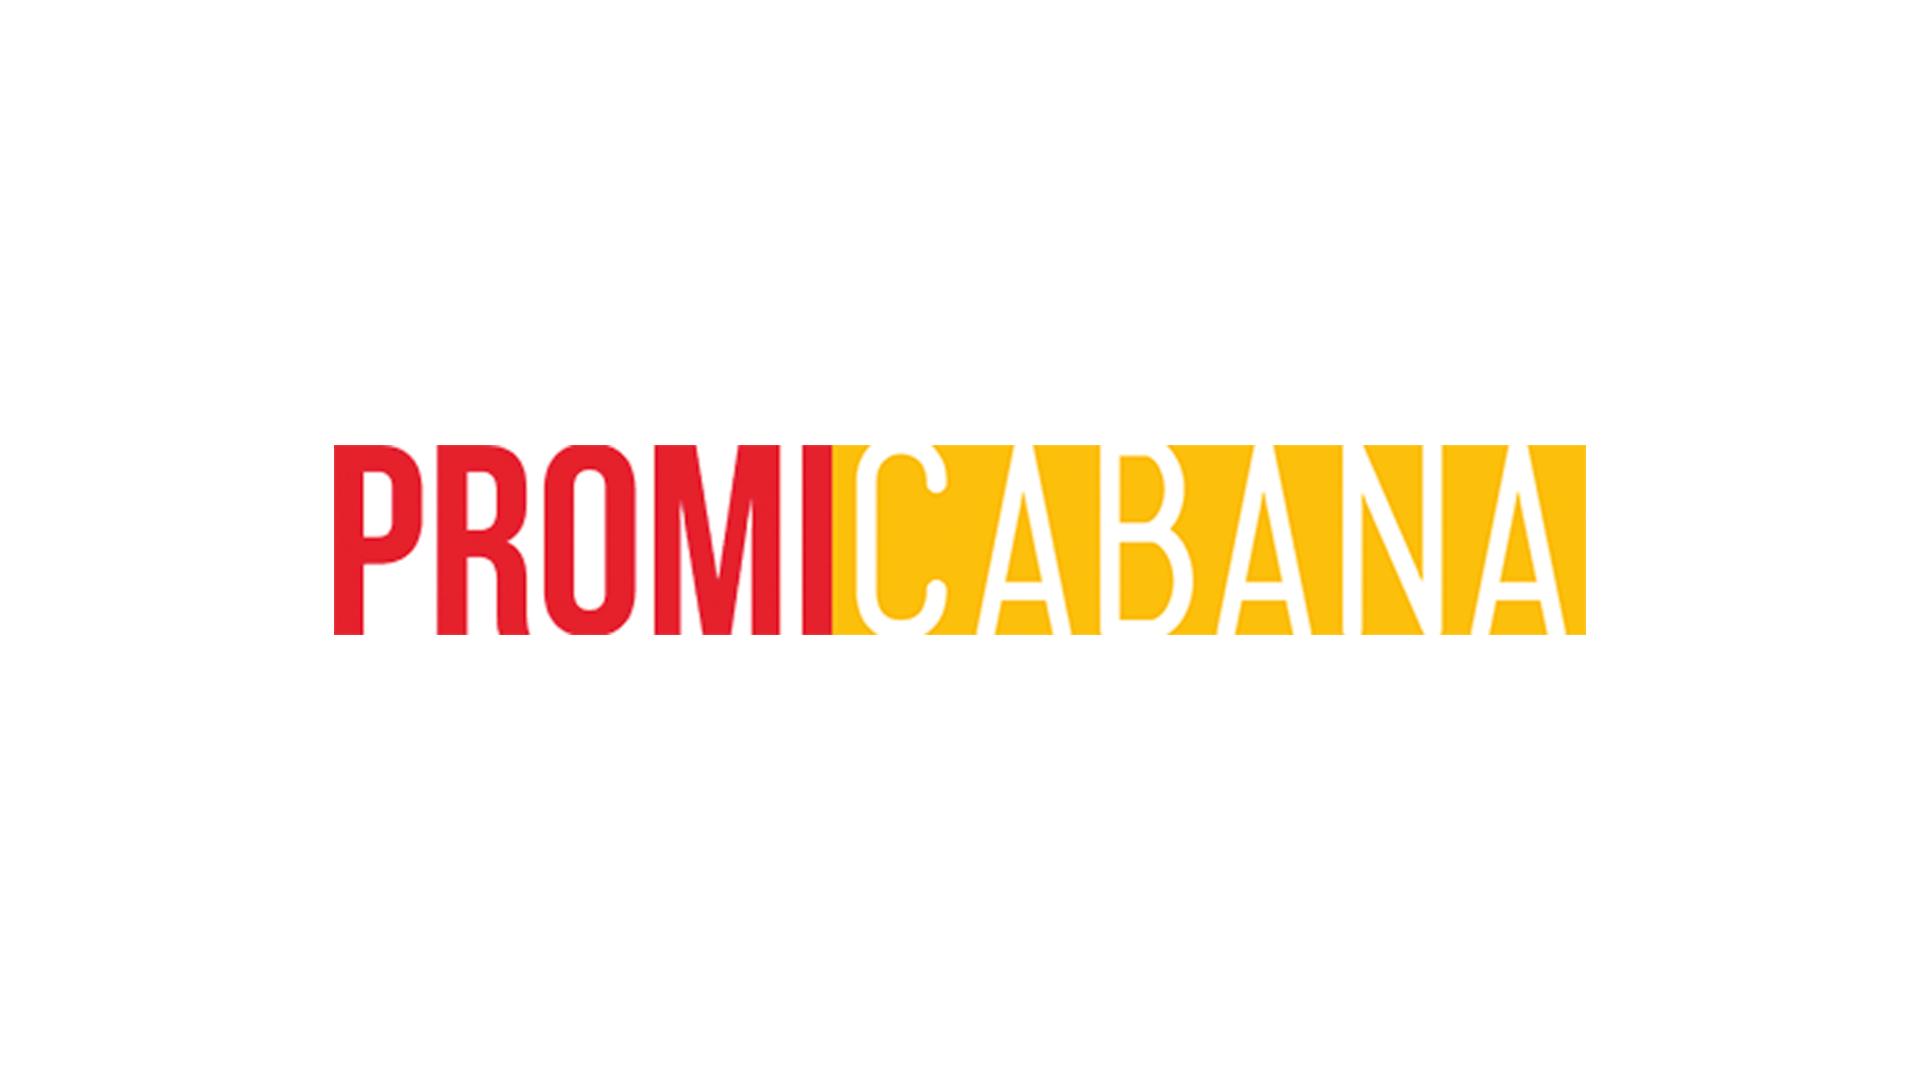 Donald-Faison-Cacee-Cobb-Hochzeit-Zach-Braff-Jessica-Simpson